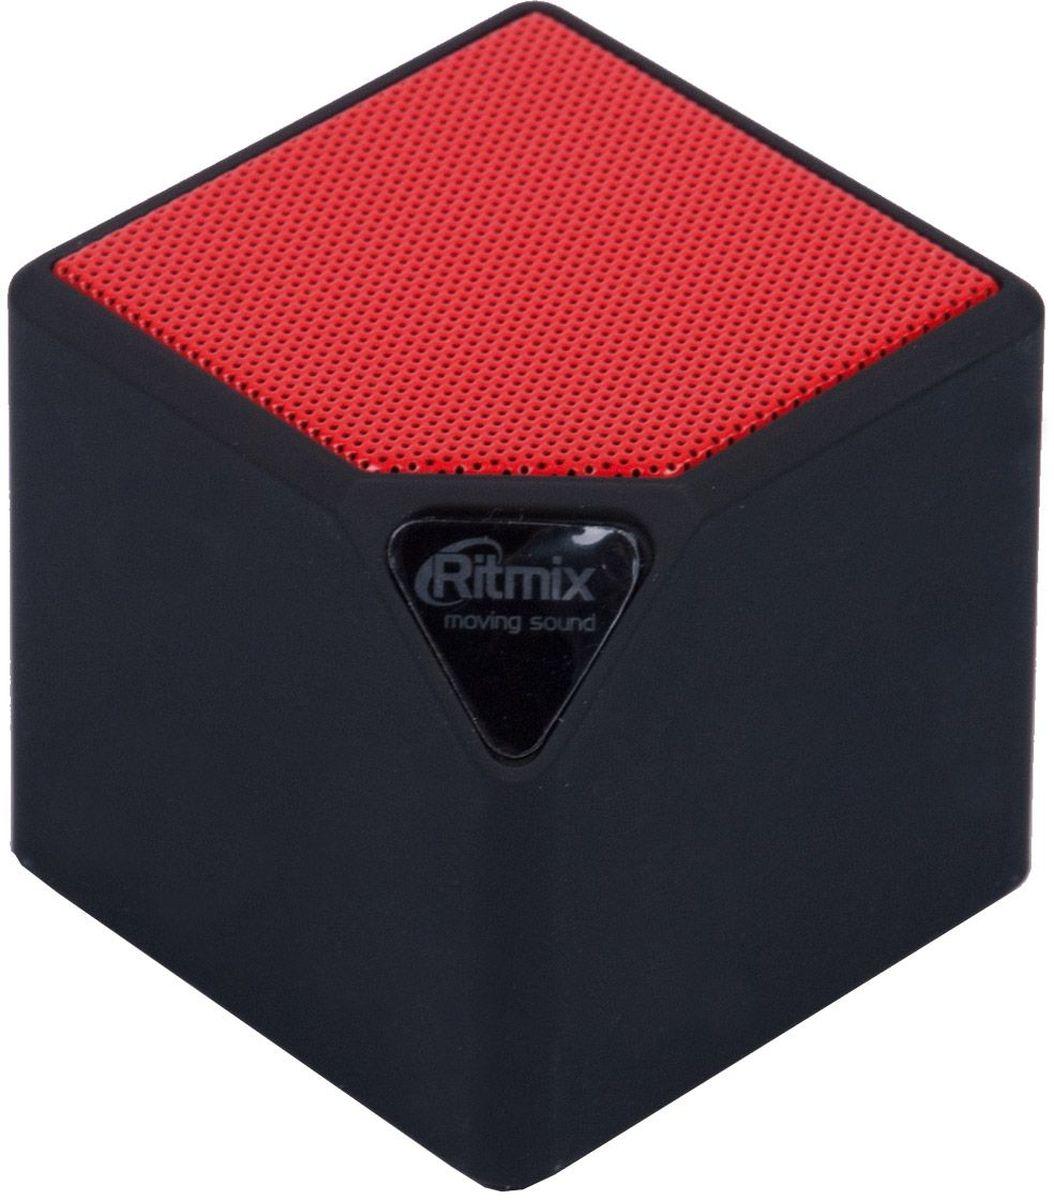 Ritmix SP-140B, Black Red портативная акустическая система15118767(BTH+TF+USB+AUX+FM) Портативная Bluetooth 2.0 миниколонка, встроенное FM радио, мощн 3 Вт, динамик 40мм,диапазон частот 160-20000 Гц, мр3-плеер(с micro SD/USB),линейн. вход AUX 3,5мм, Li-ion аккумулятор 300мАч, форма-кубик, цвет - черный с красным